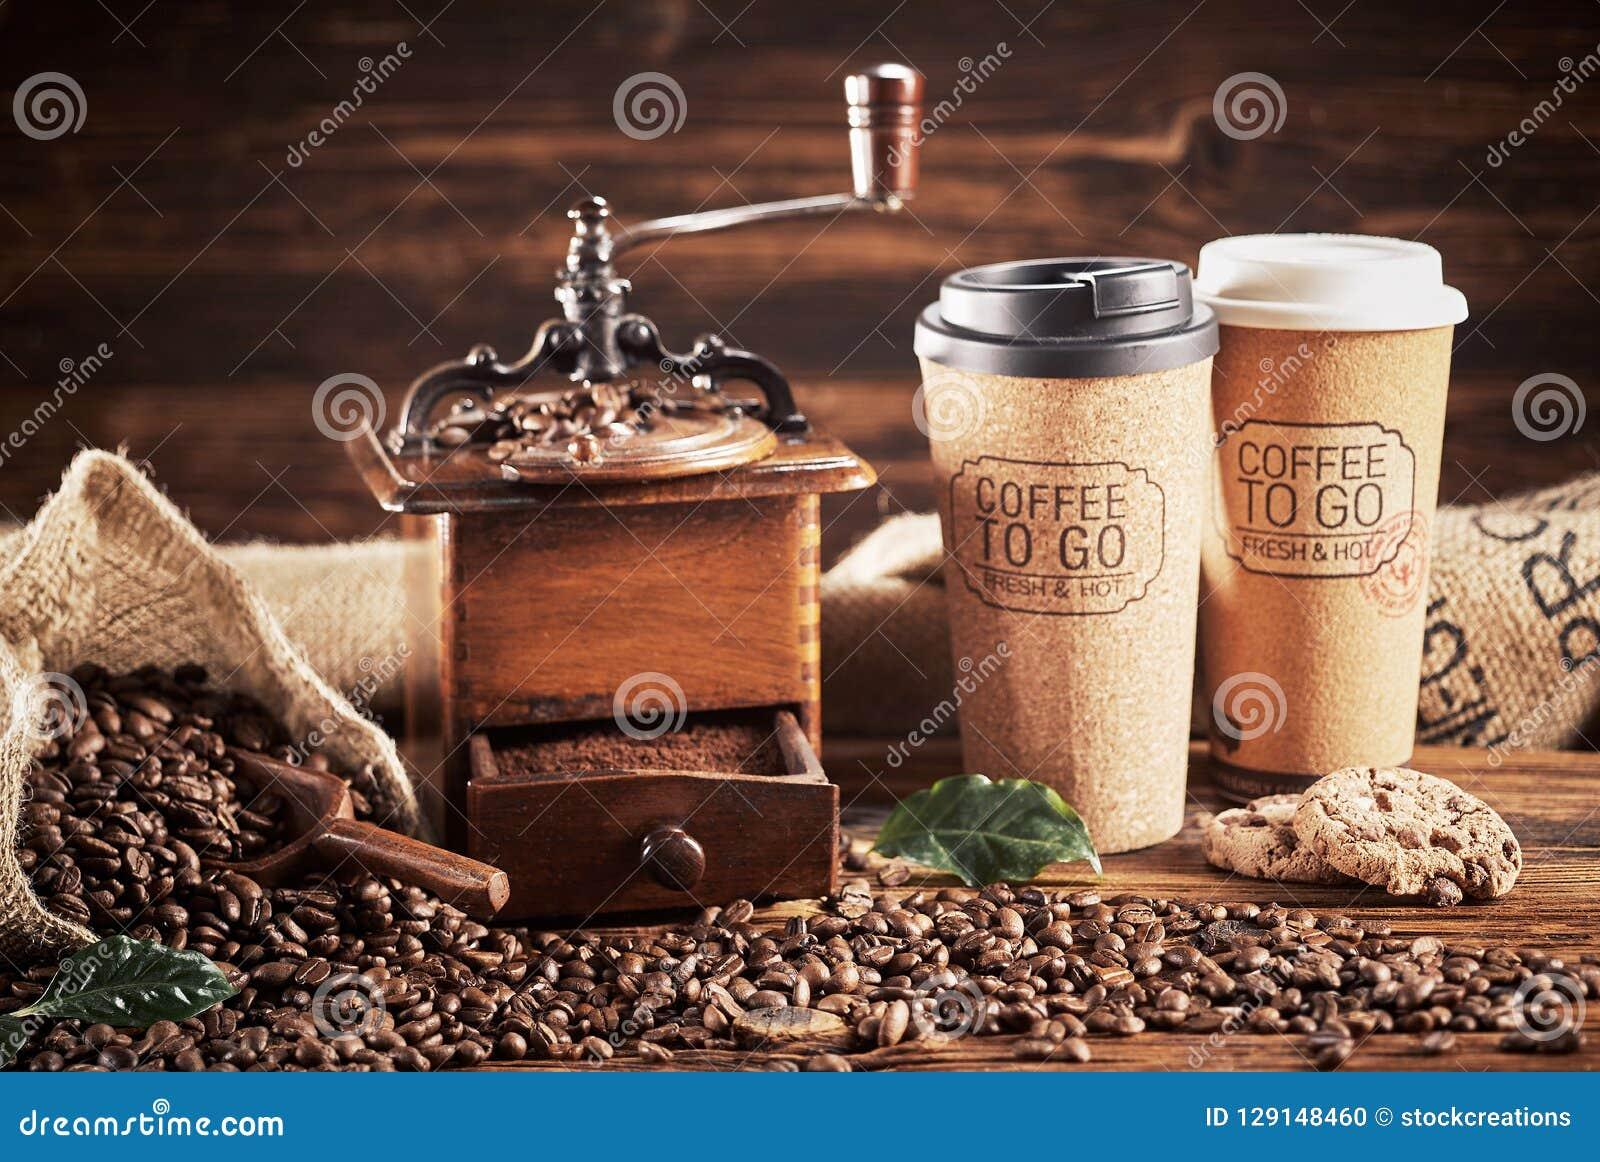 Café com moedor e café a ir copos